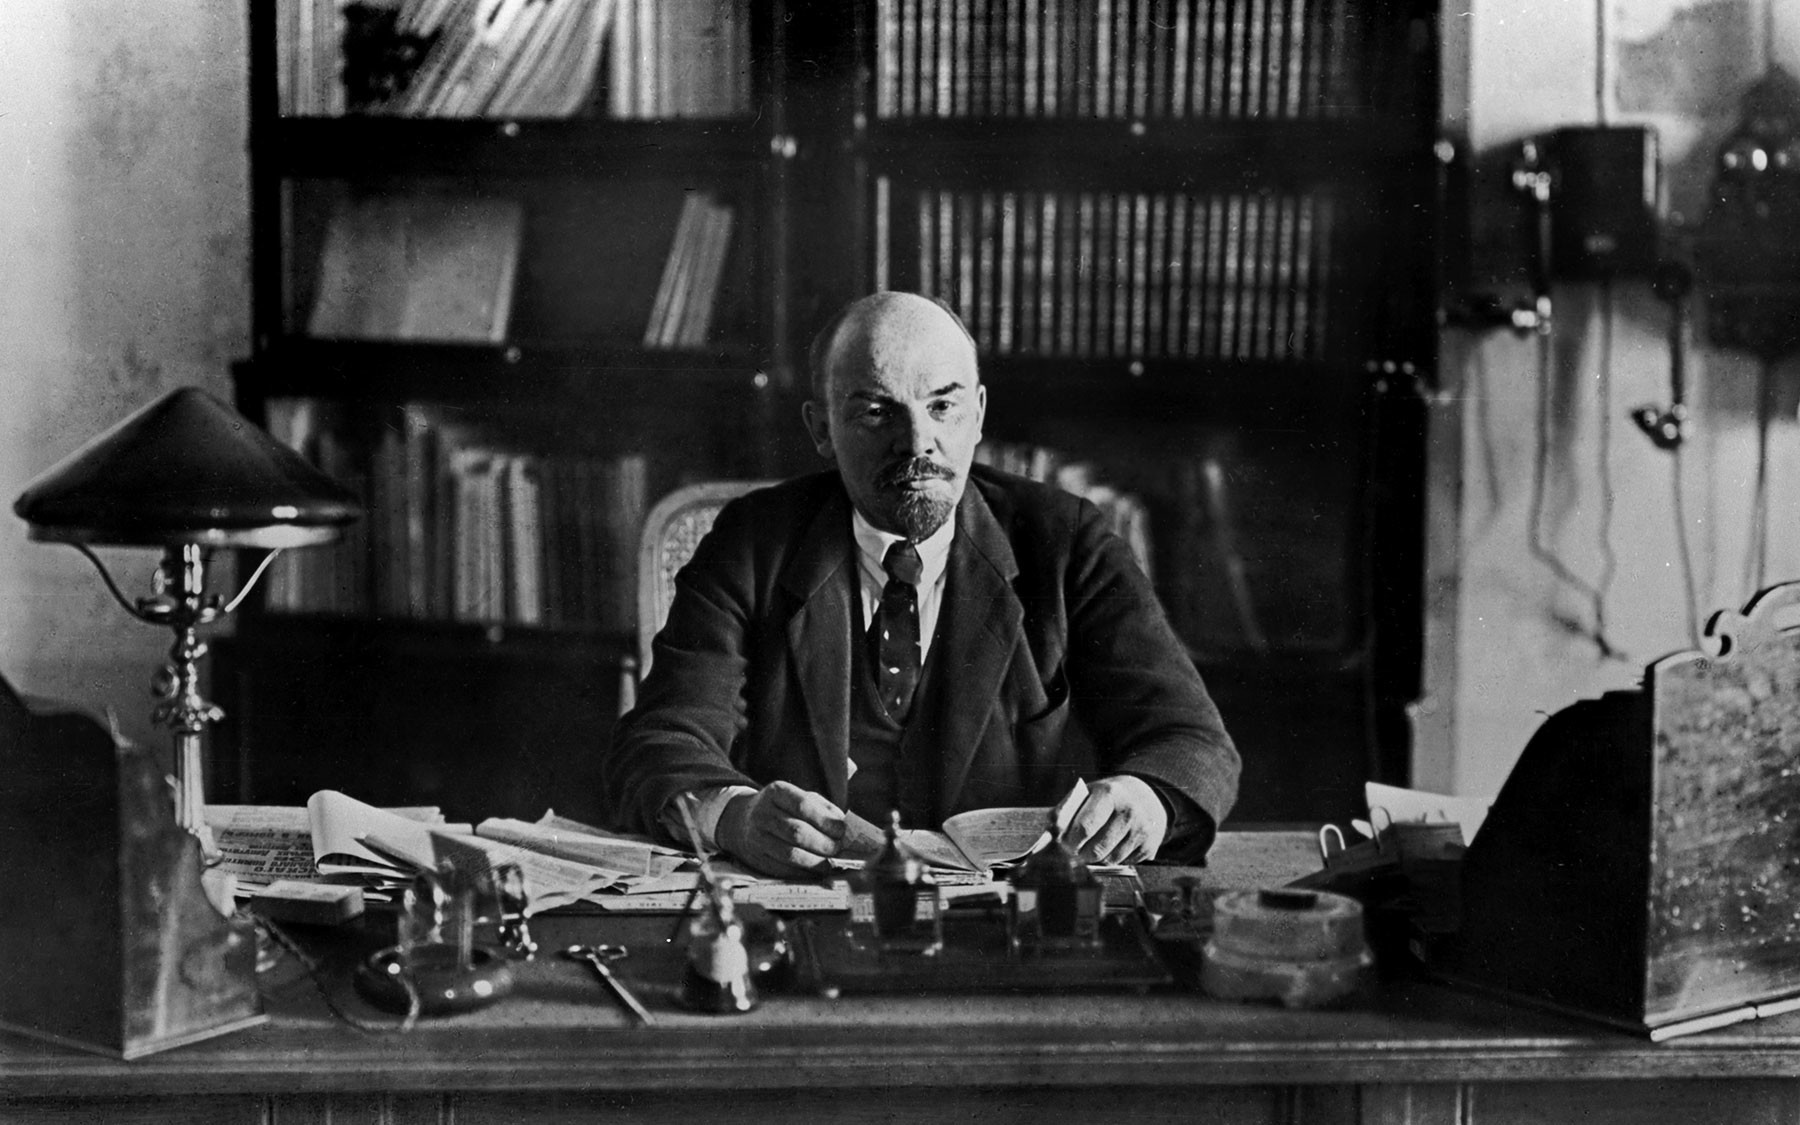 Владимир Ильич Ленин (1870–1924) в рабочем кабинете в Кремле. 16 октября 1918 год. Фото: ©РИА Новости / Петр Оцуп